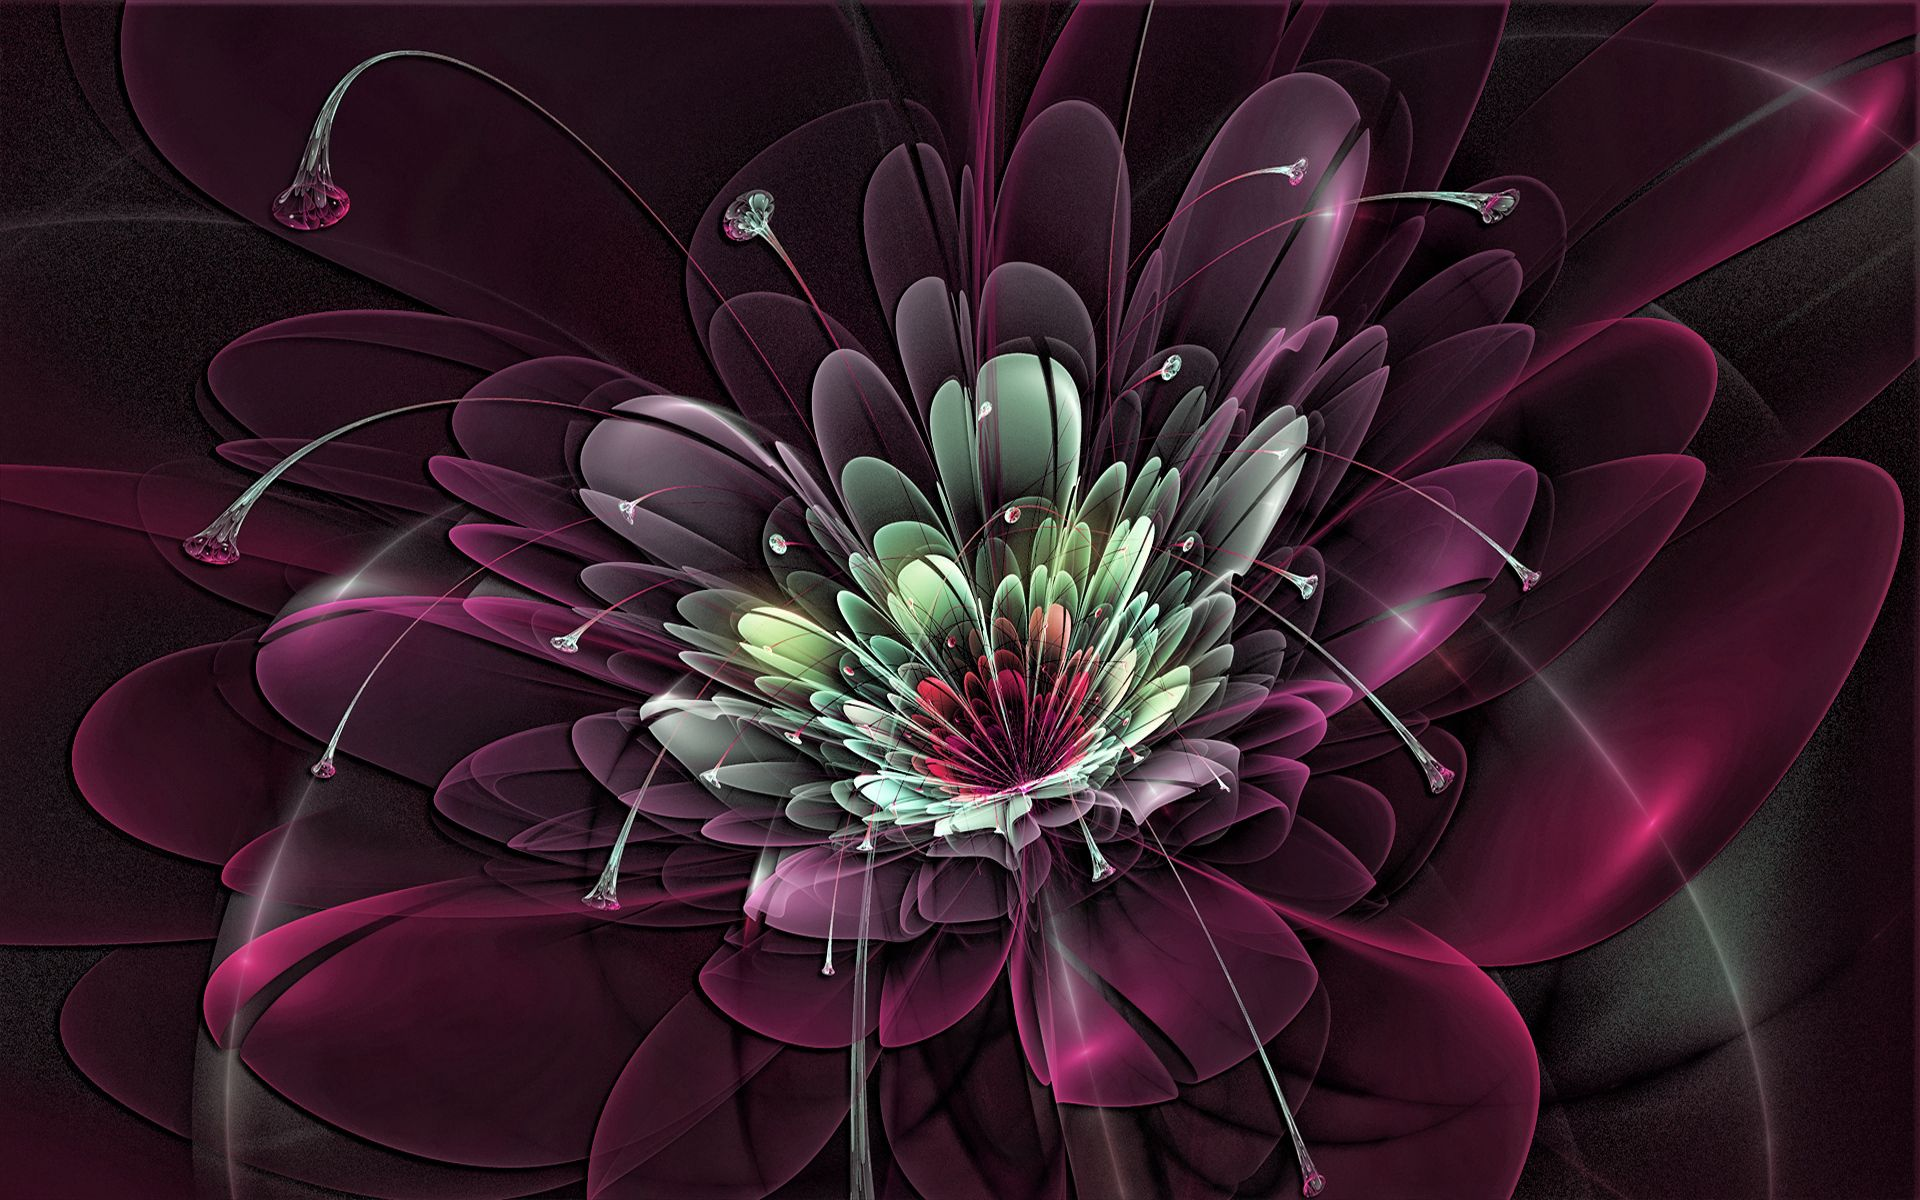 143056 Hintergrundbild herunterladen Hintergrund, Abstrakt, Blume, Fraktale, Explosion - Bildschirmschoner und Bilder kostenlos